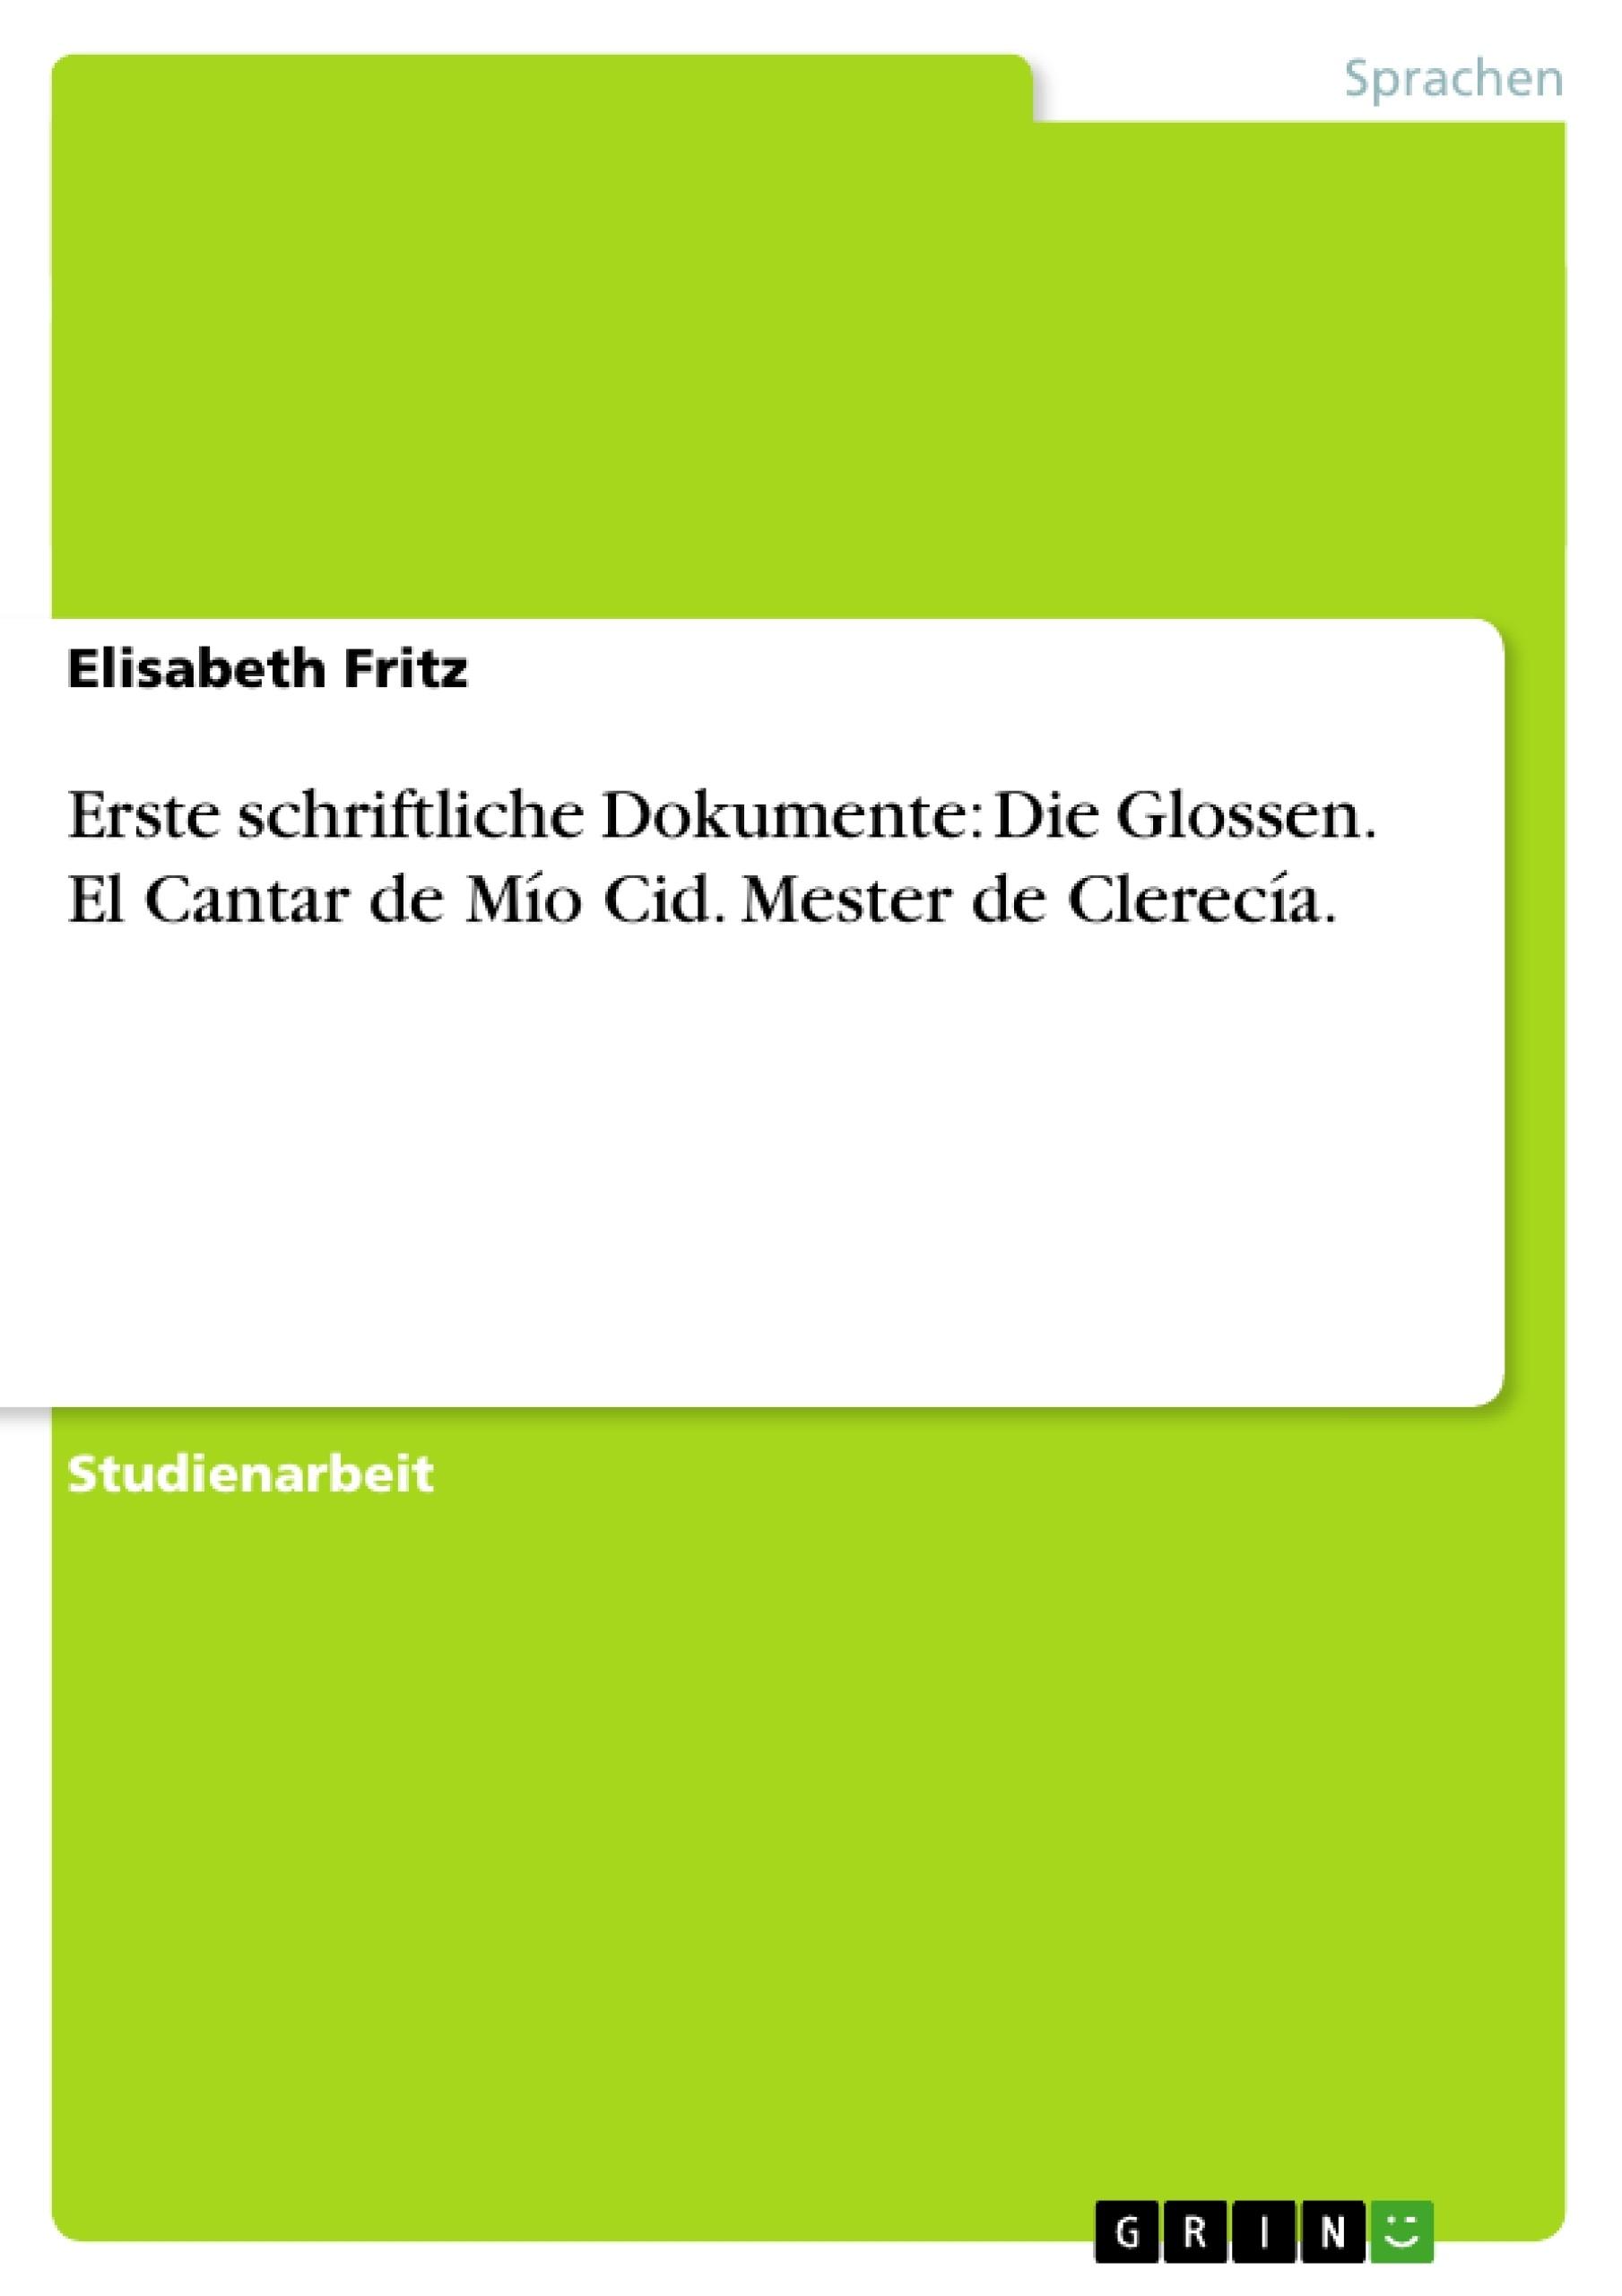 Titel: Erste schriftliche Dokumente: Die Glossen. El Cantar de Mío Cid. Mester de Clerecía.